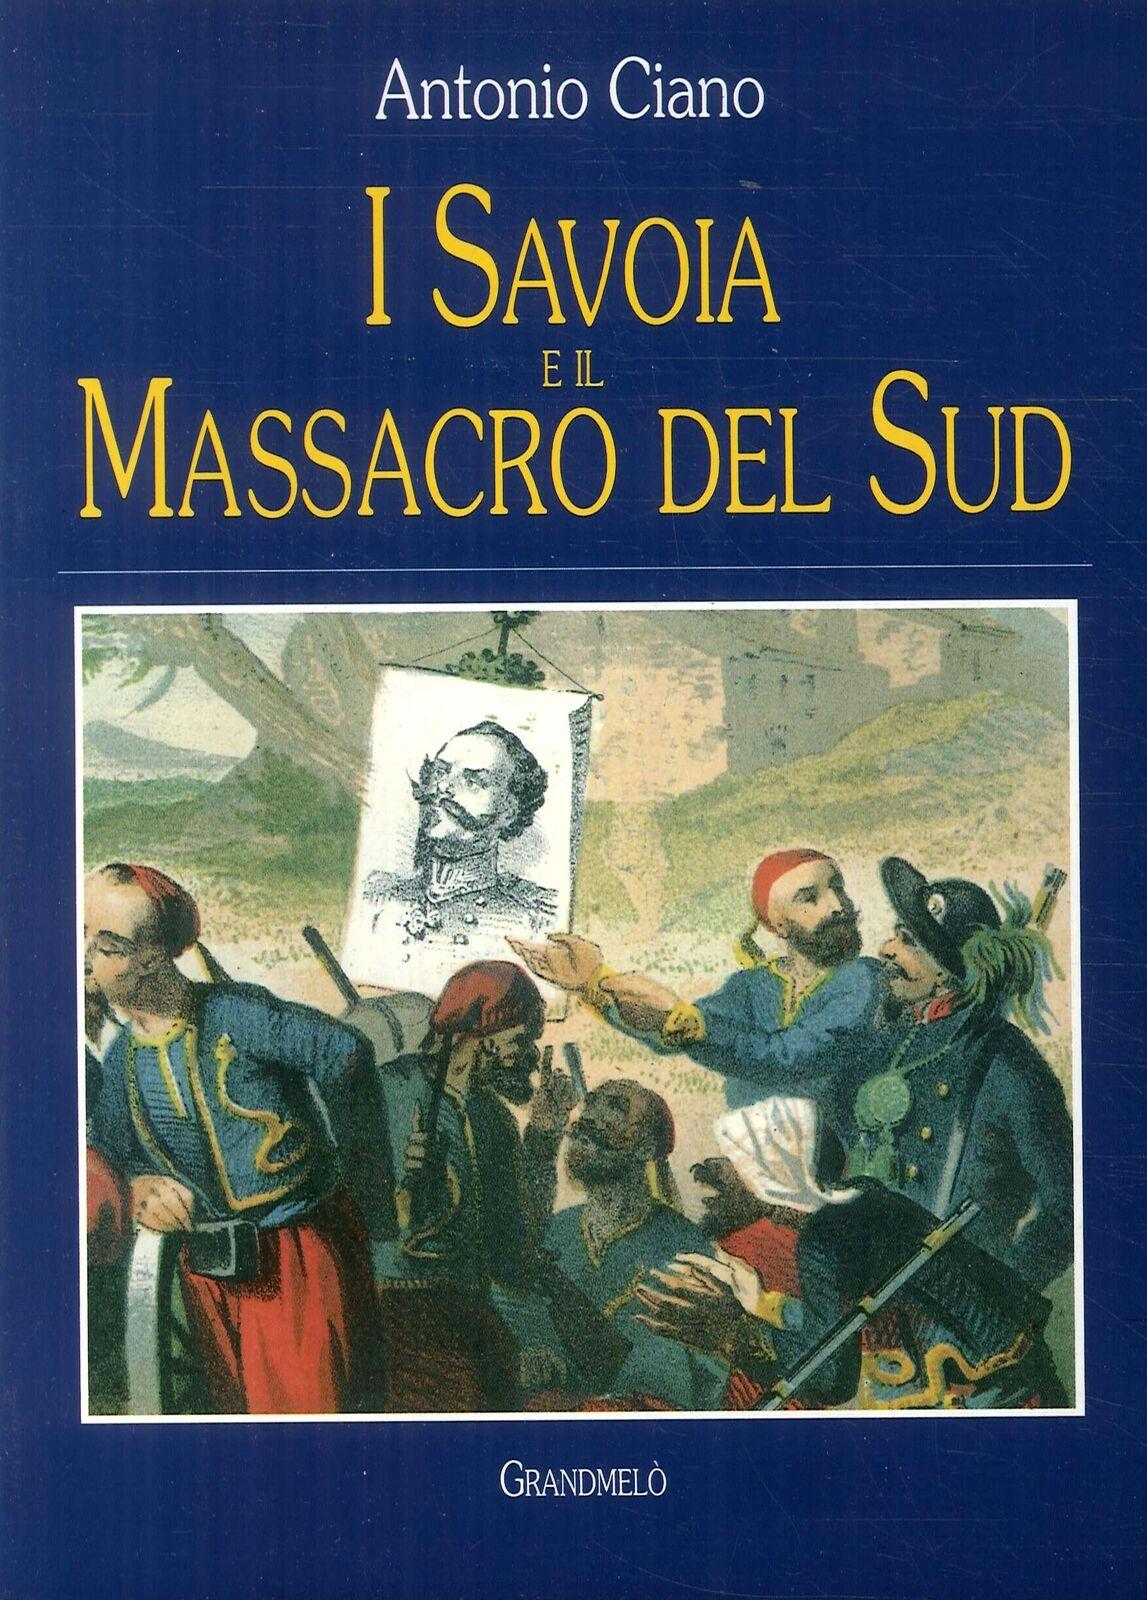 """""""I Savoia e il Massacro del Sud, di Antonio Ciano: il libro nero dei Savoia"""